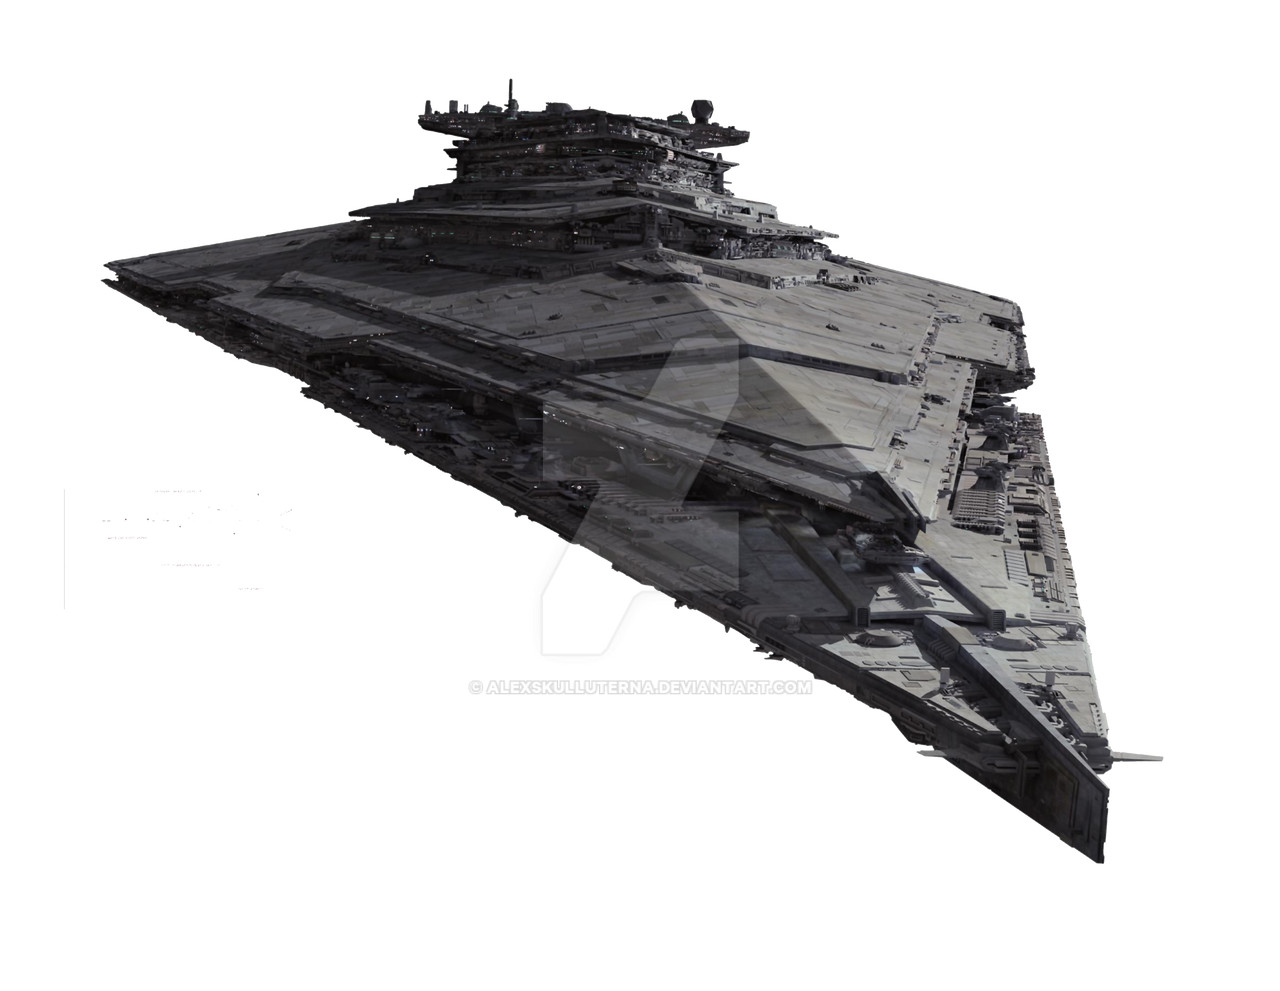 star wars empire wallpaper